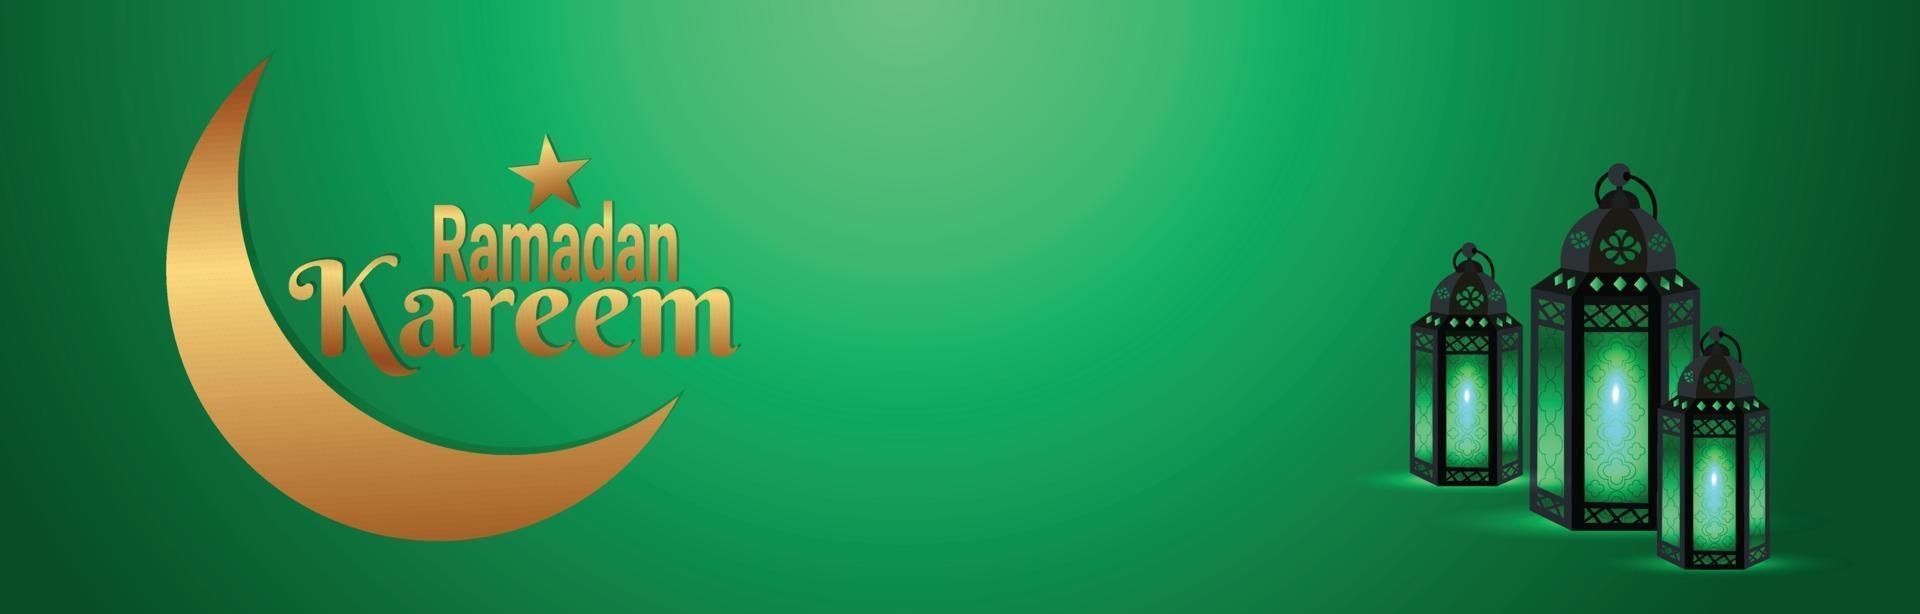 ramadan islamisk festivalbanner med arabisk lykta vektor